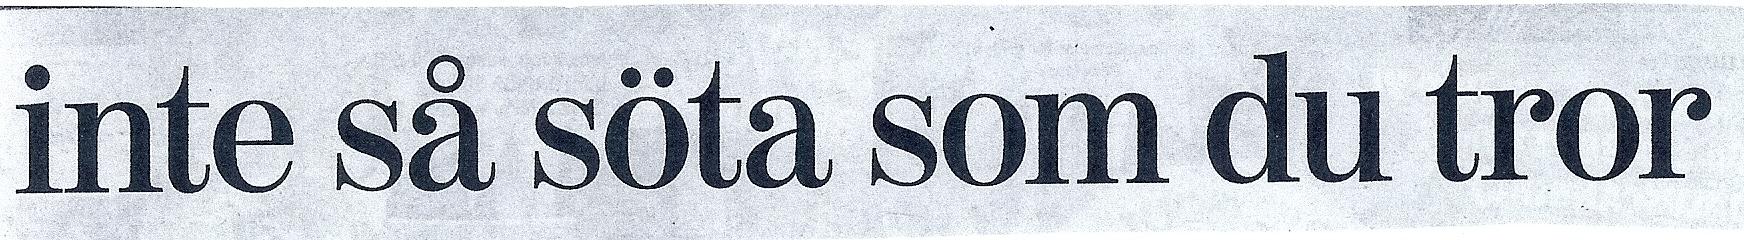 rig mand gamle danske ord betydning